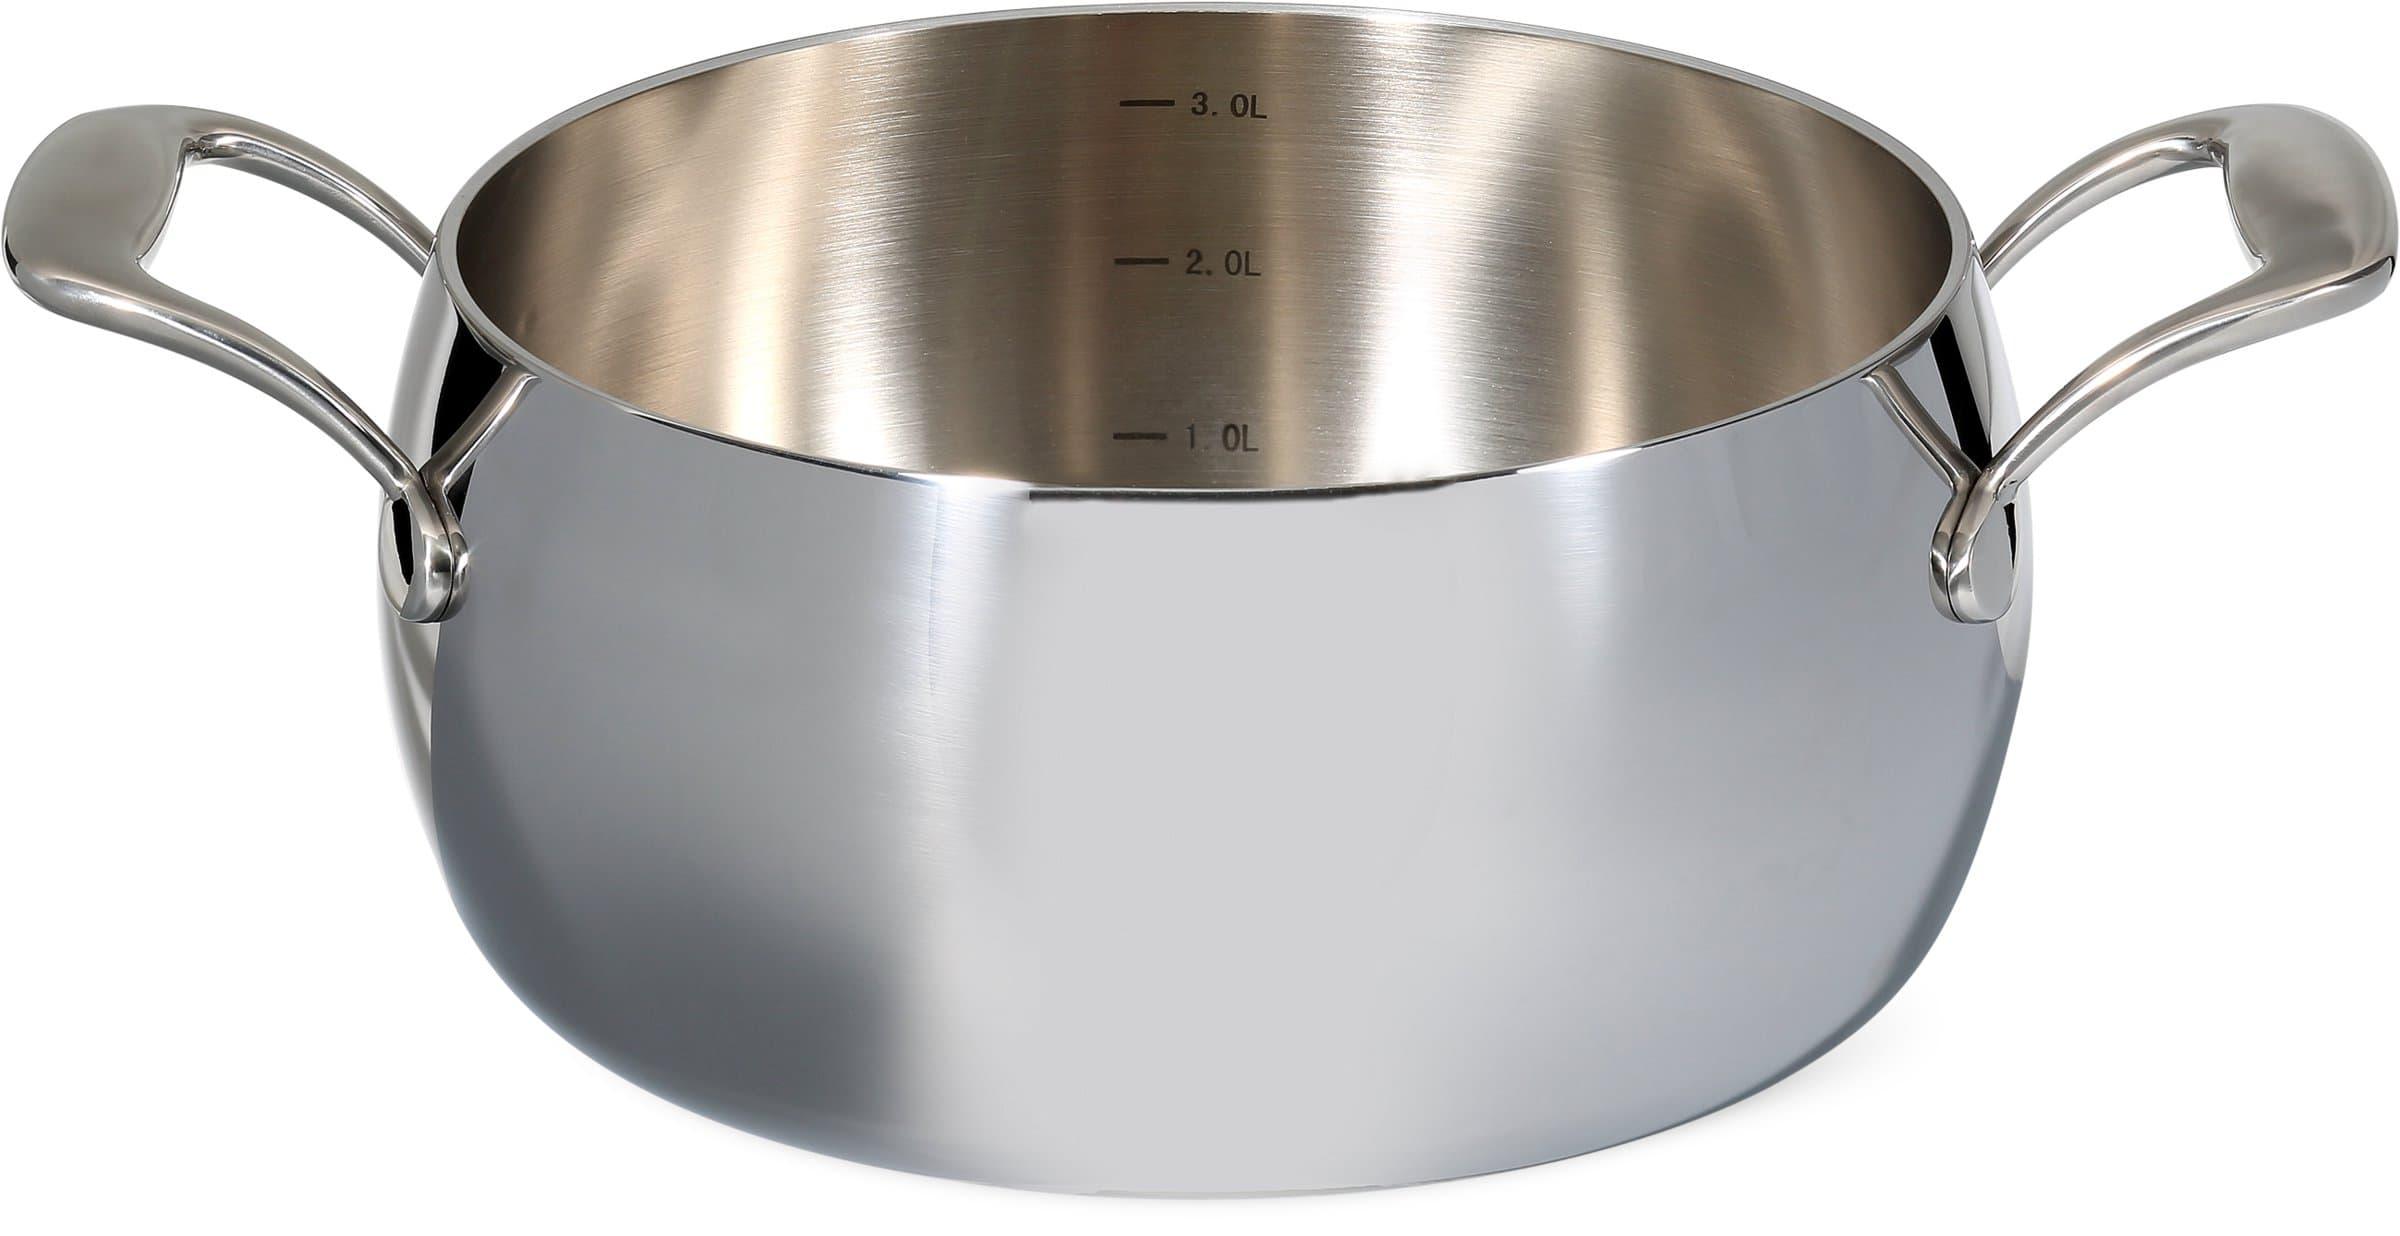 Cucina & Tavola DELUXE Fait-tout